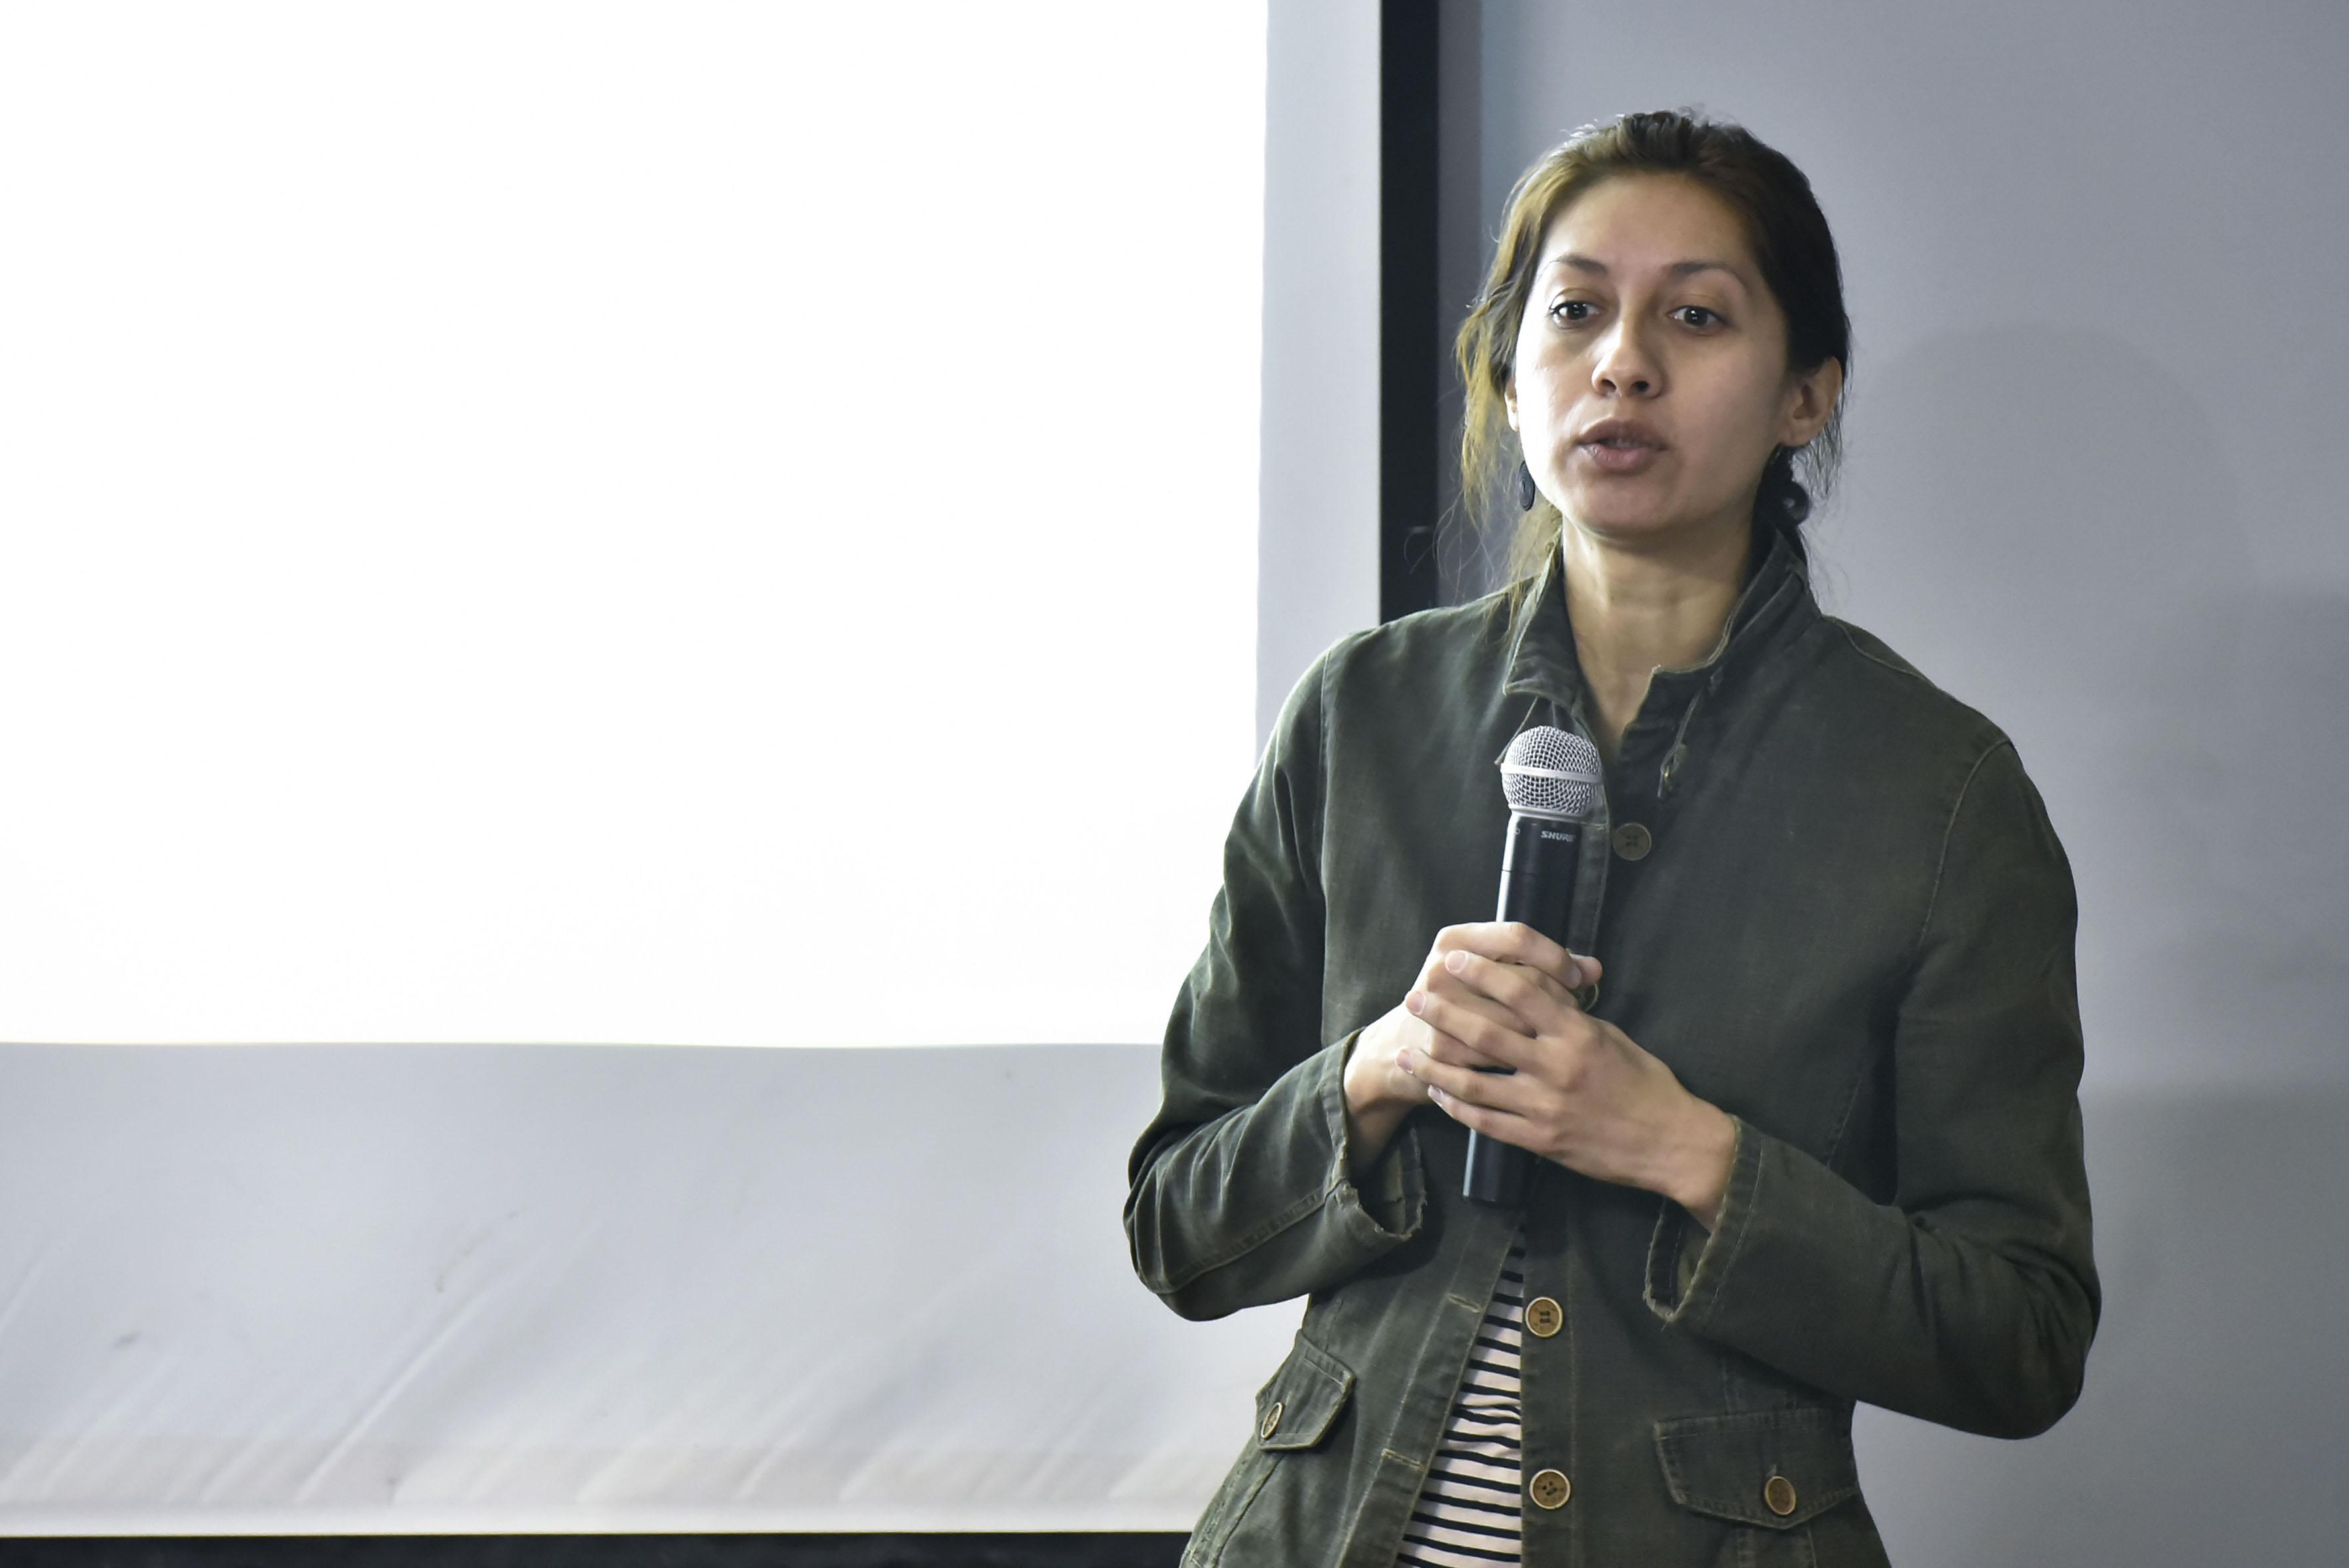 Perla Berenice Sánchez Torres, estudiante de la maestría en Ciencias de la Salud Ambiental del Centro Universitario de Ciencias Biológicas y Ambientales, con micrófono en mano haciendo uso de la palabra.